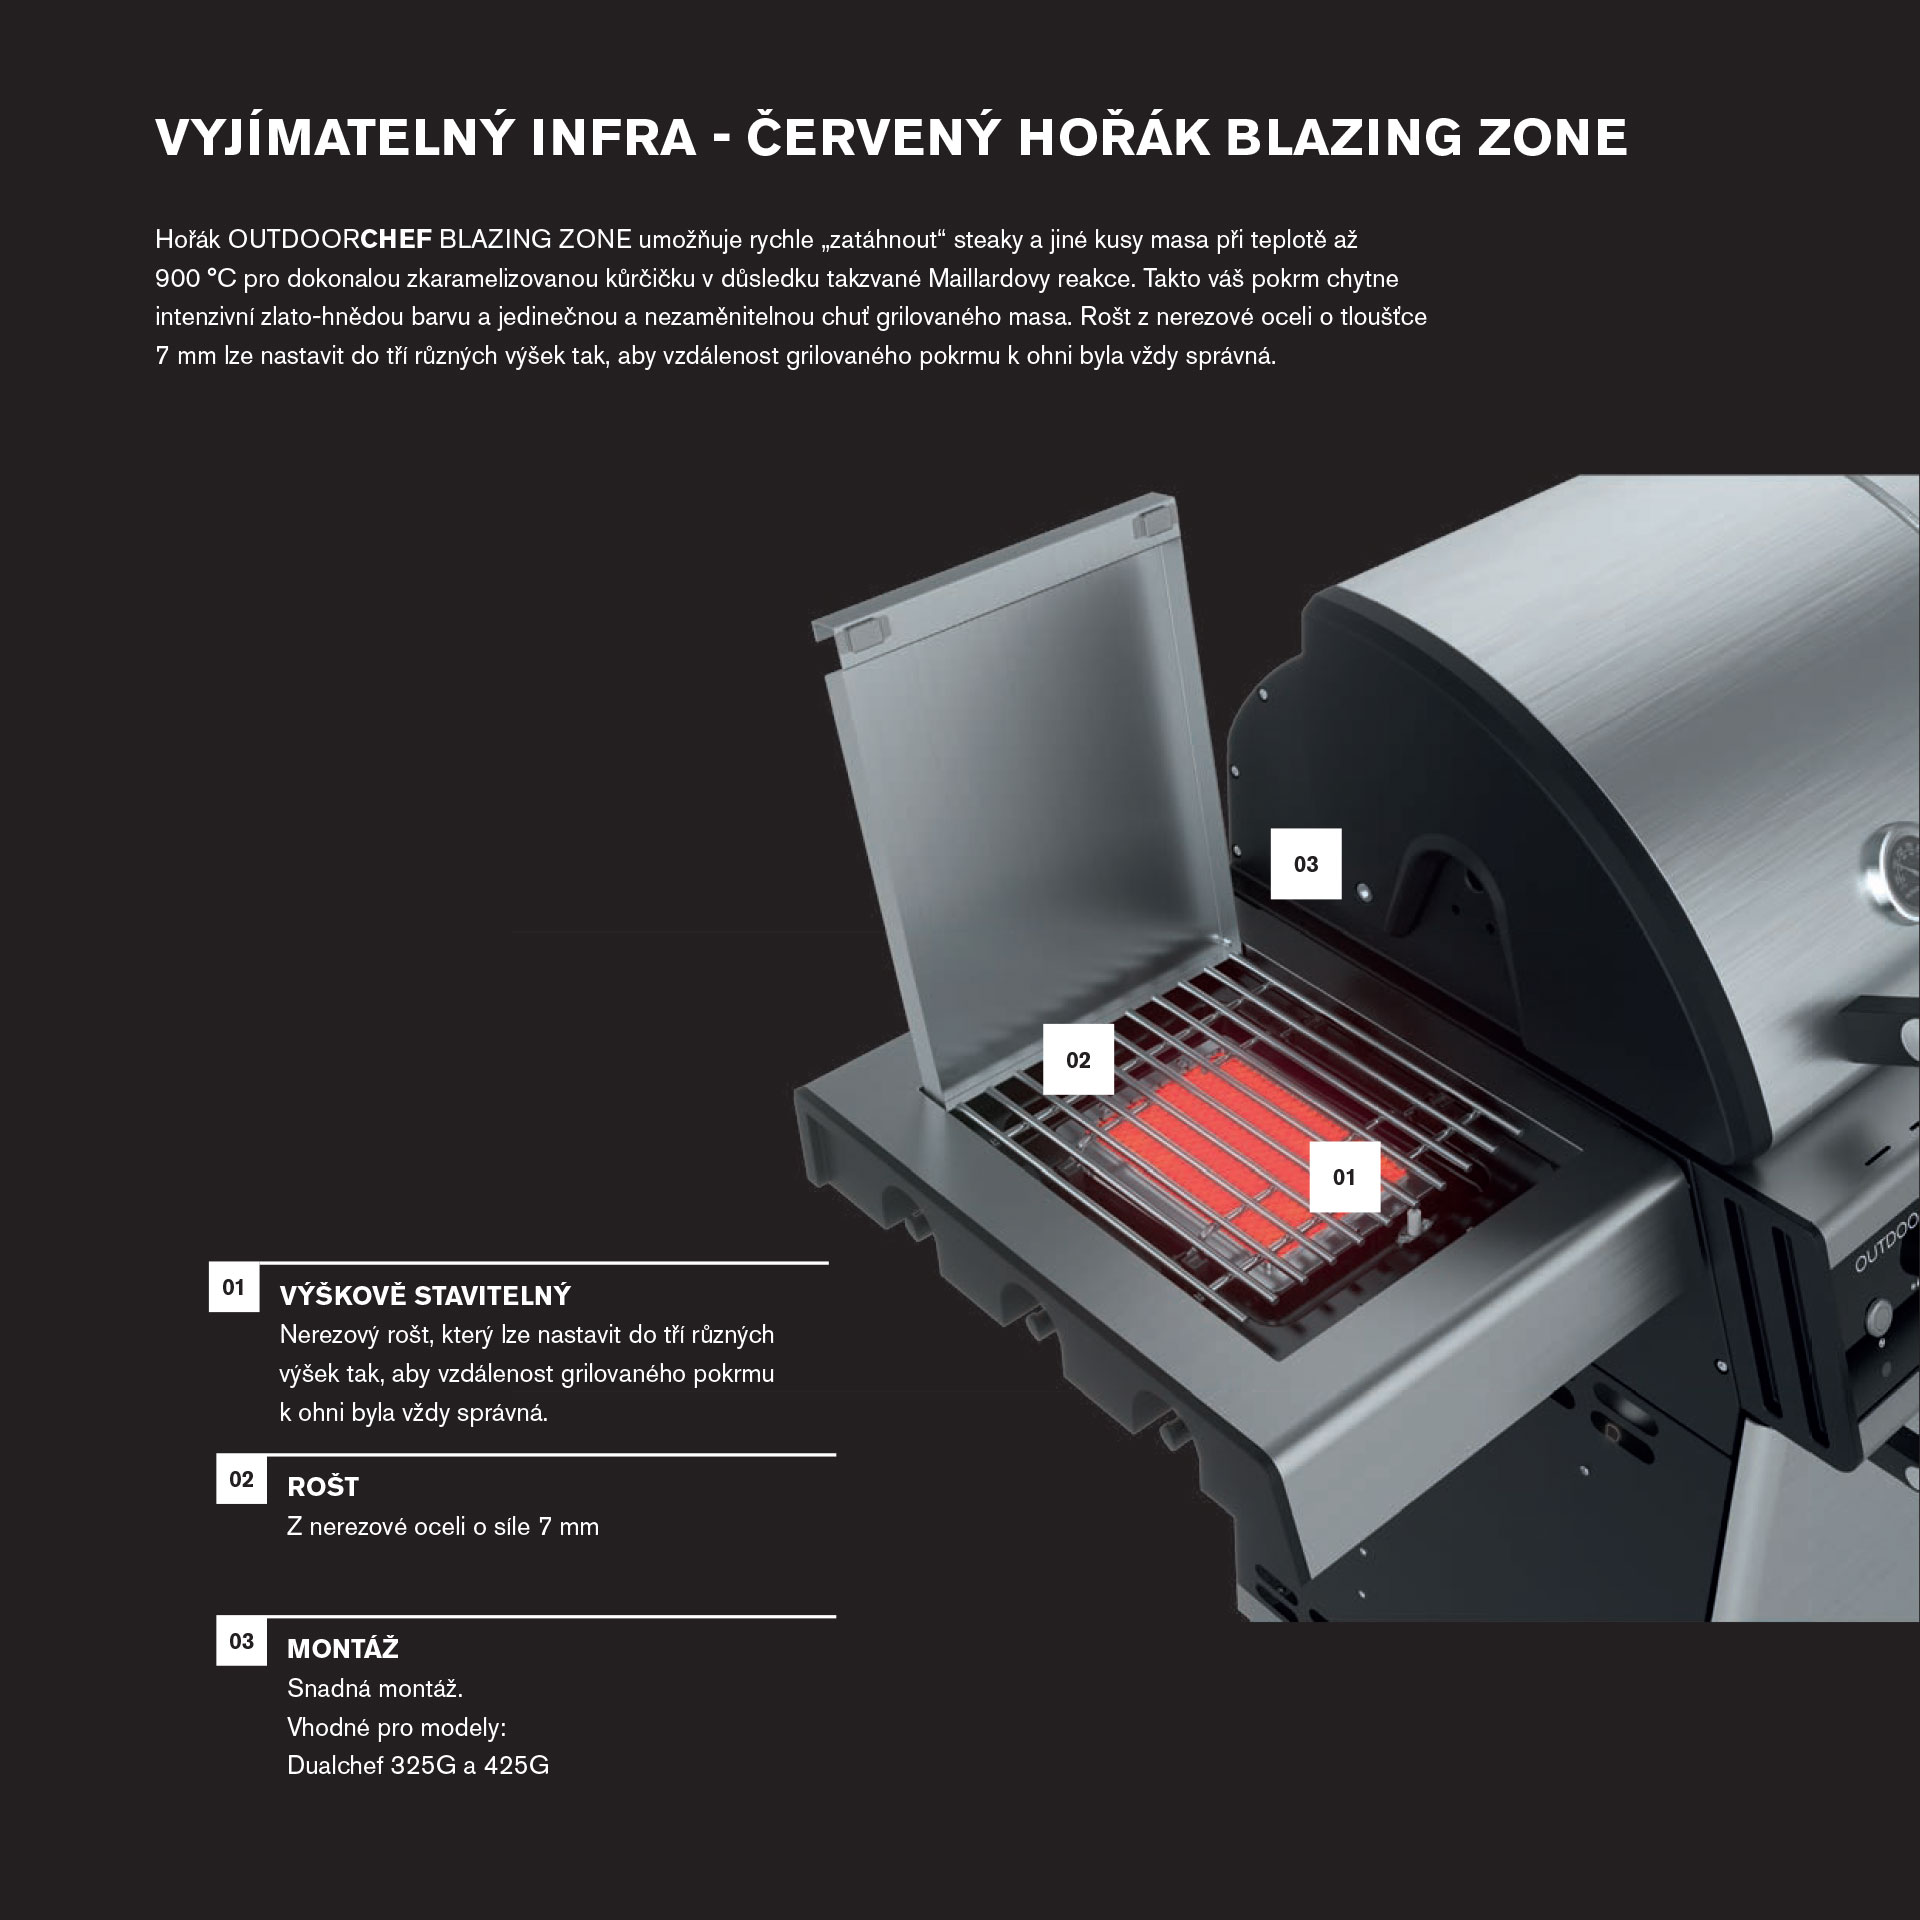 Blazing zone